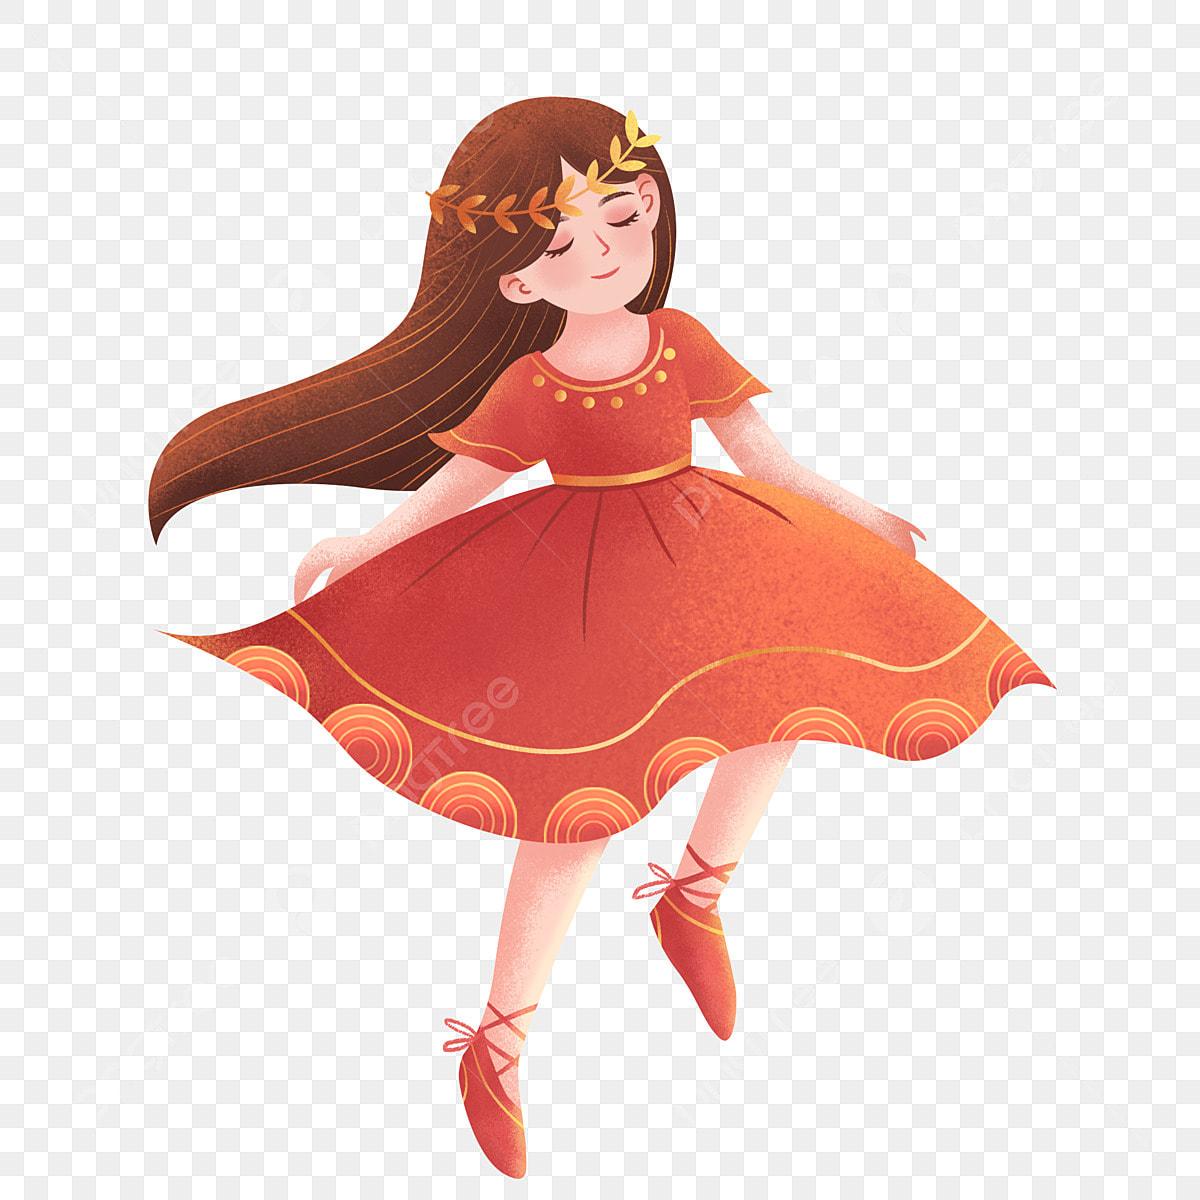 Disegno della ballerina color corallo rosso annuale sognare rosso